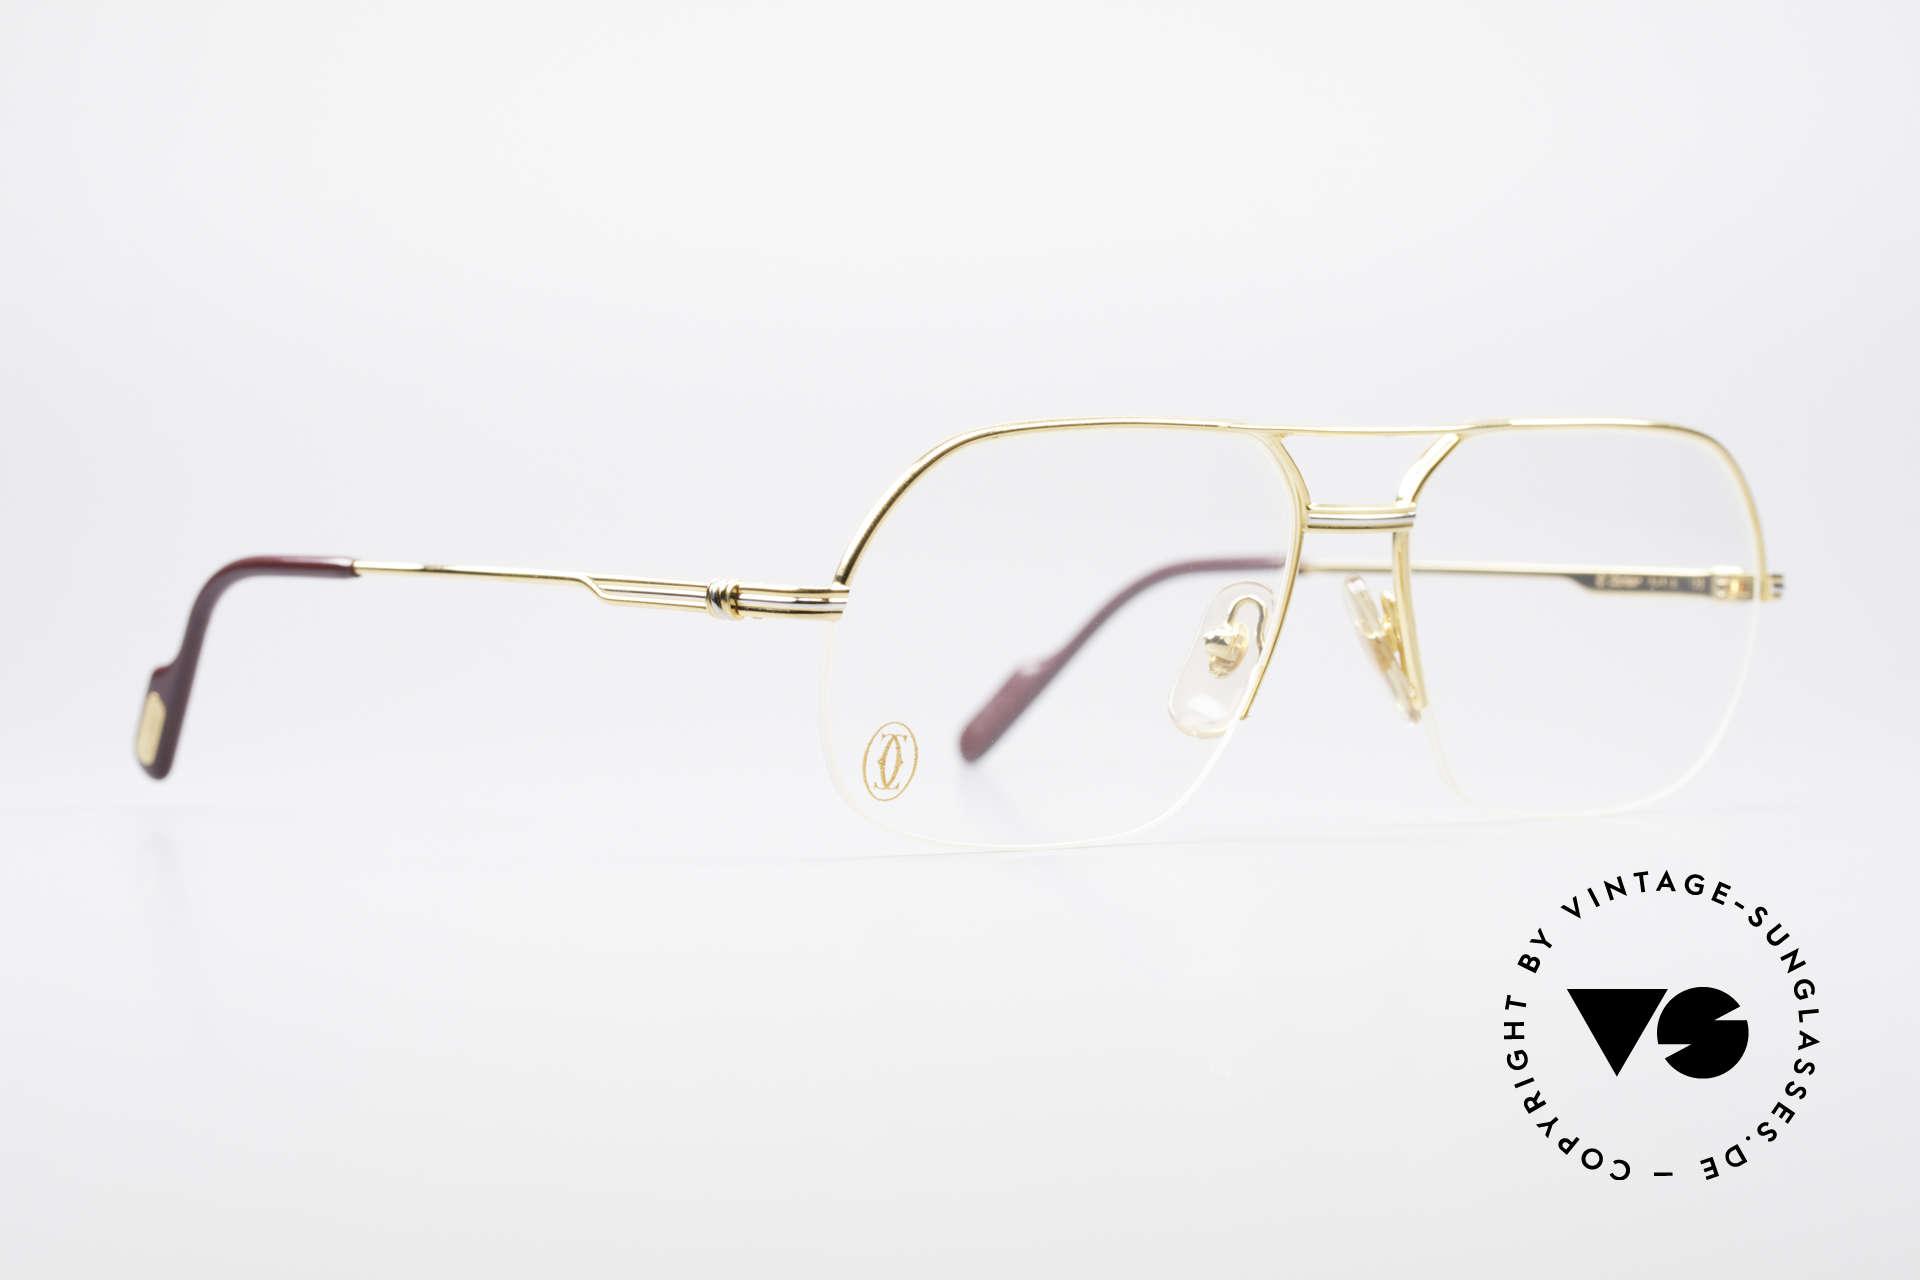 Cartier Orsay Halbrand Luxus Herrenbrille, 22kt vergoldet (wie alle Cartier vintage Modelle), Passend für Herren